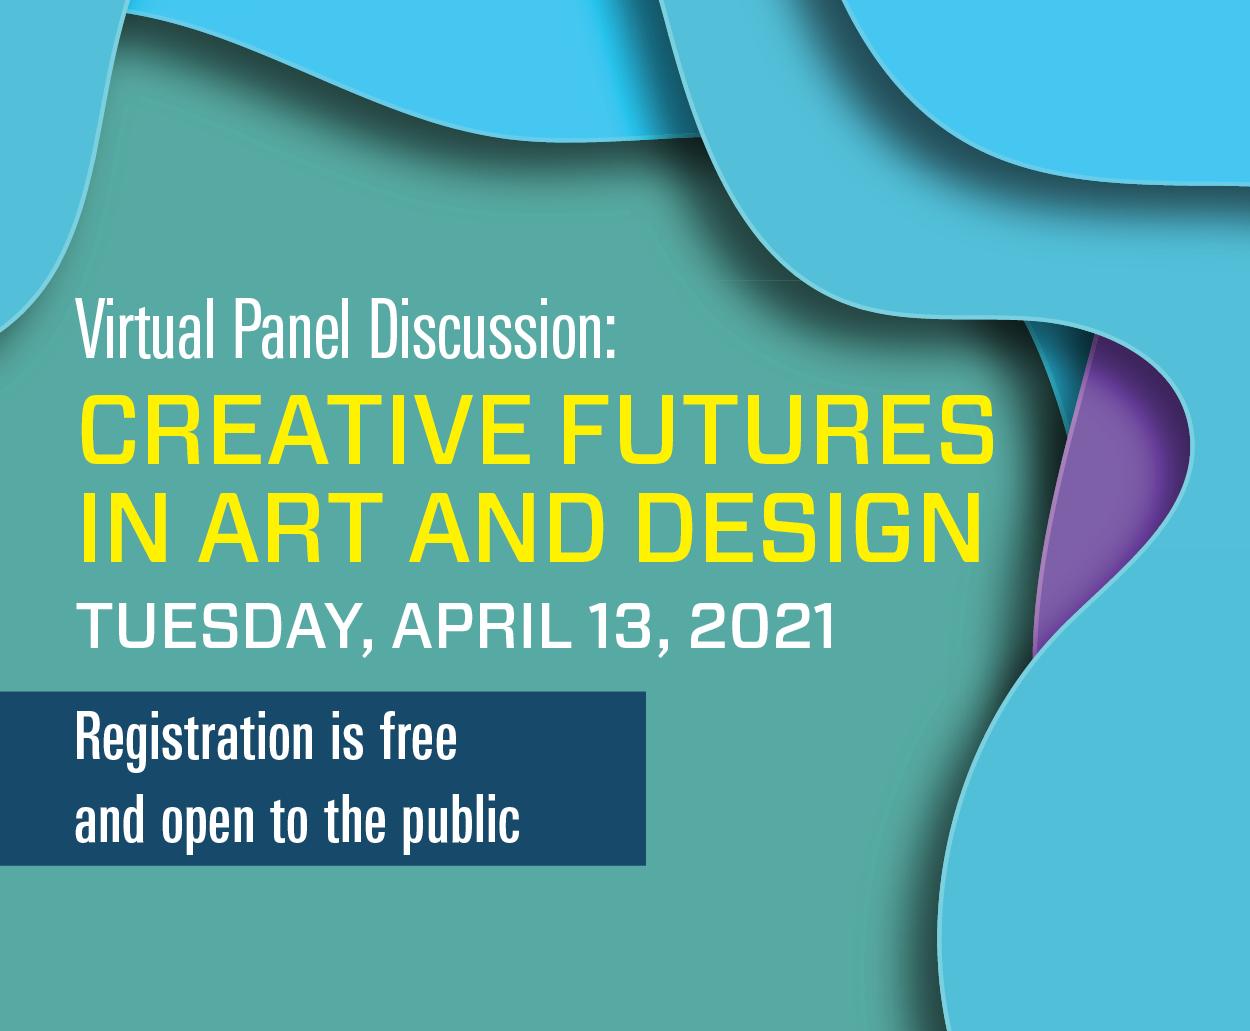 Creative Futures Event at Otis College